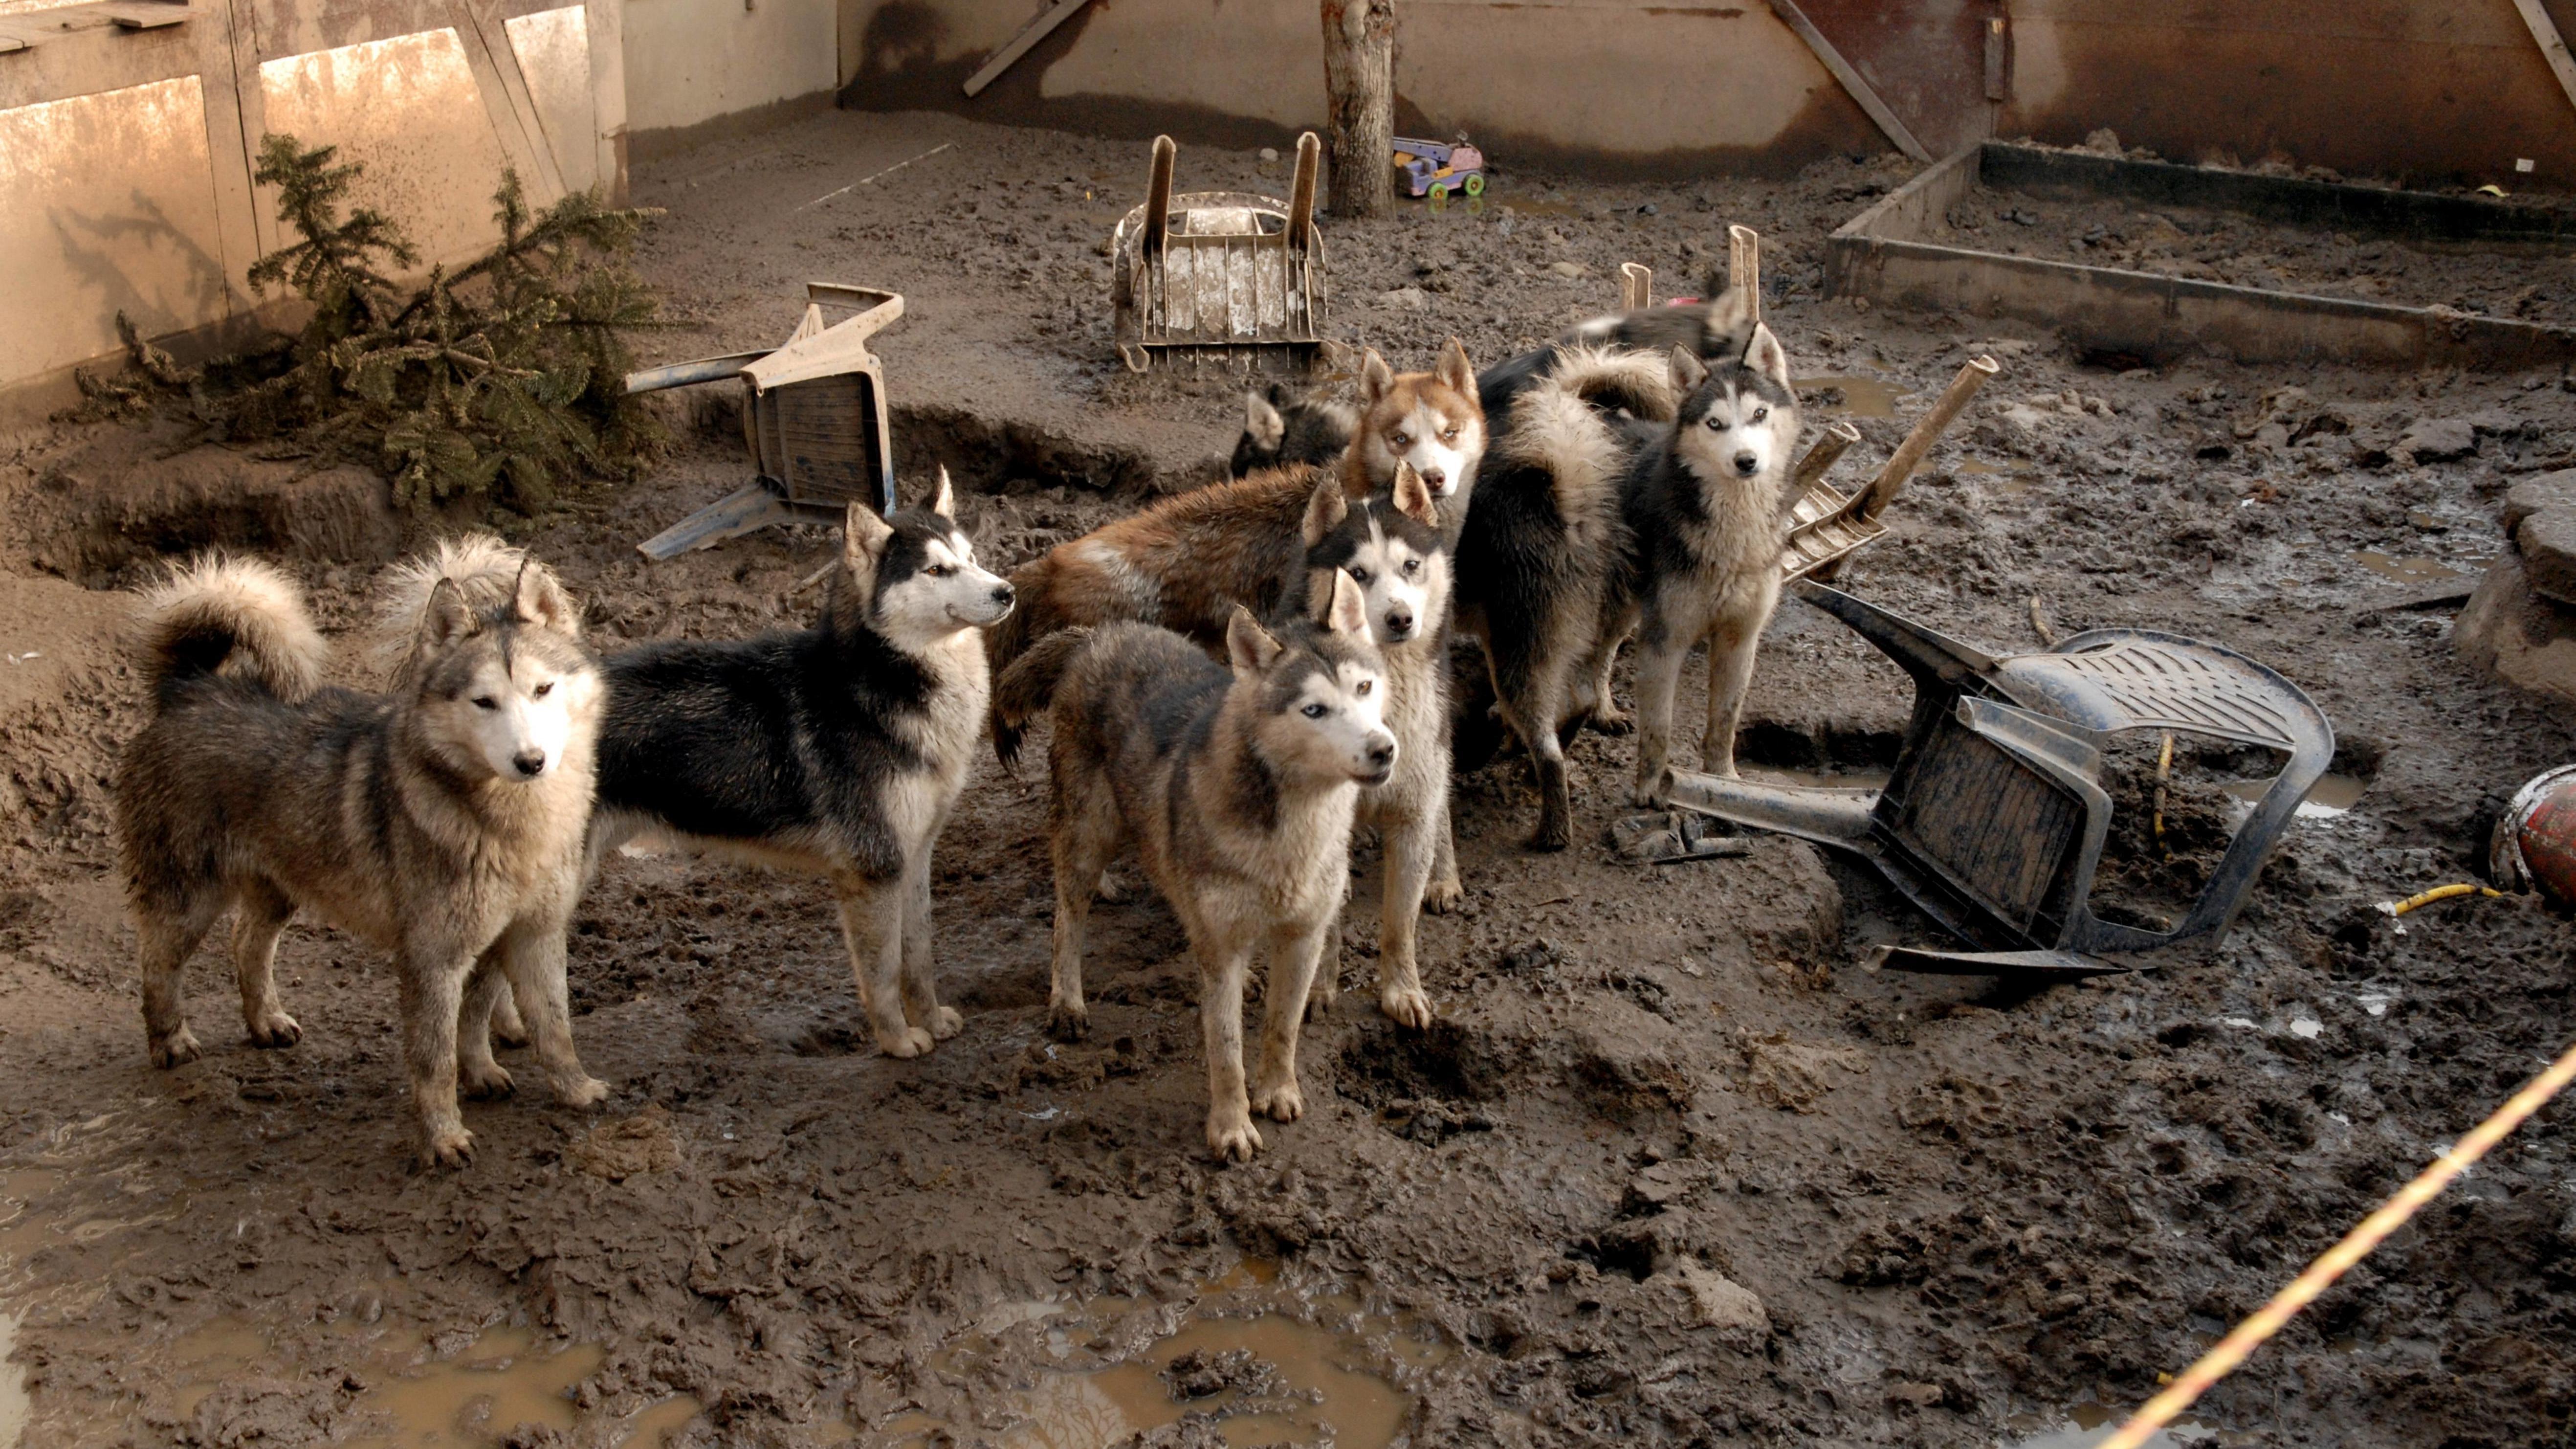 Siberian Husky (Canis lupus f. familiaris), verwahrloste Hunde stehen im Matsch